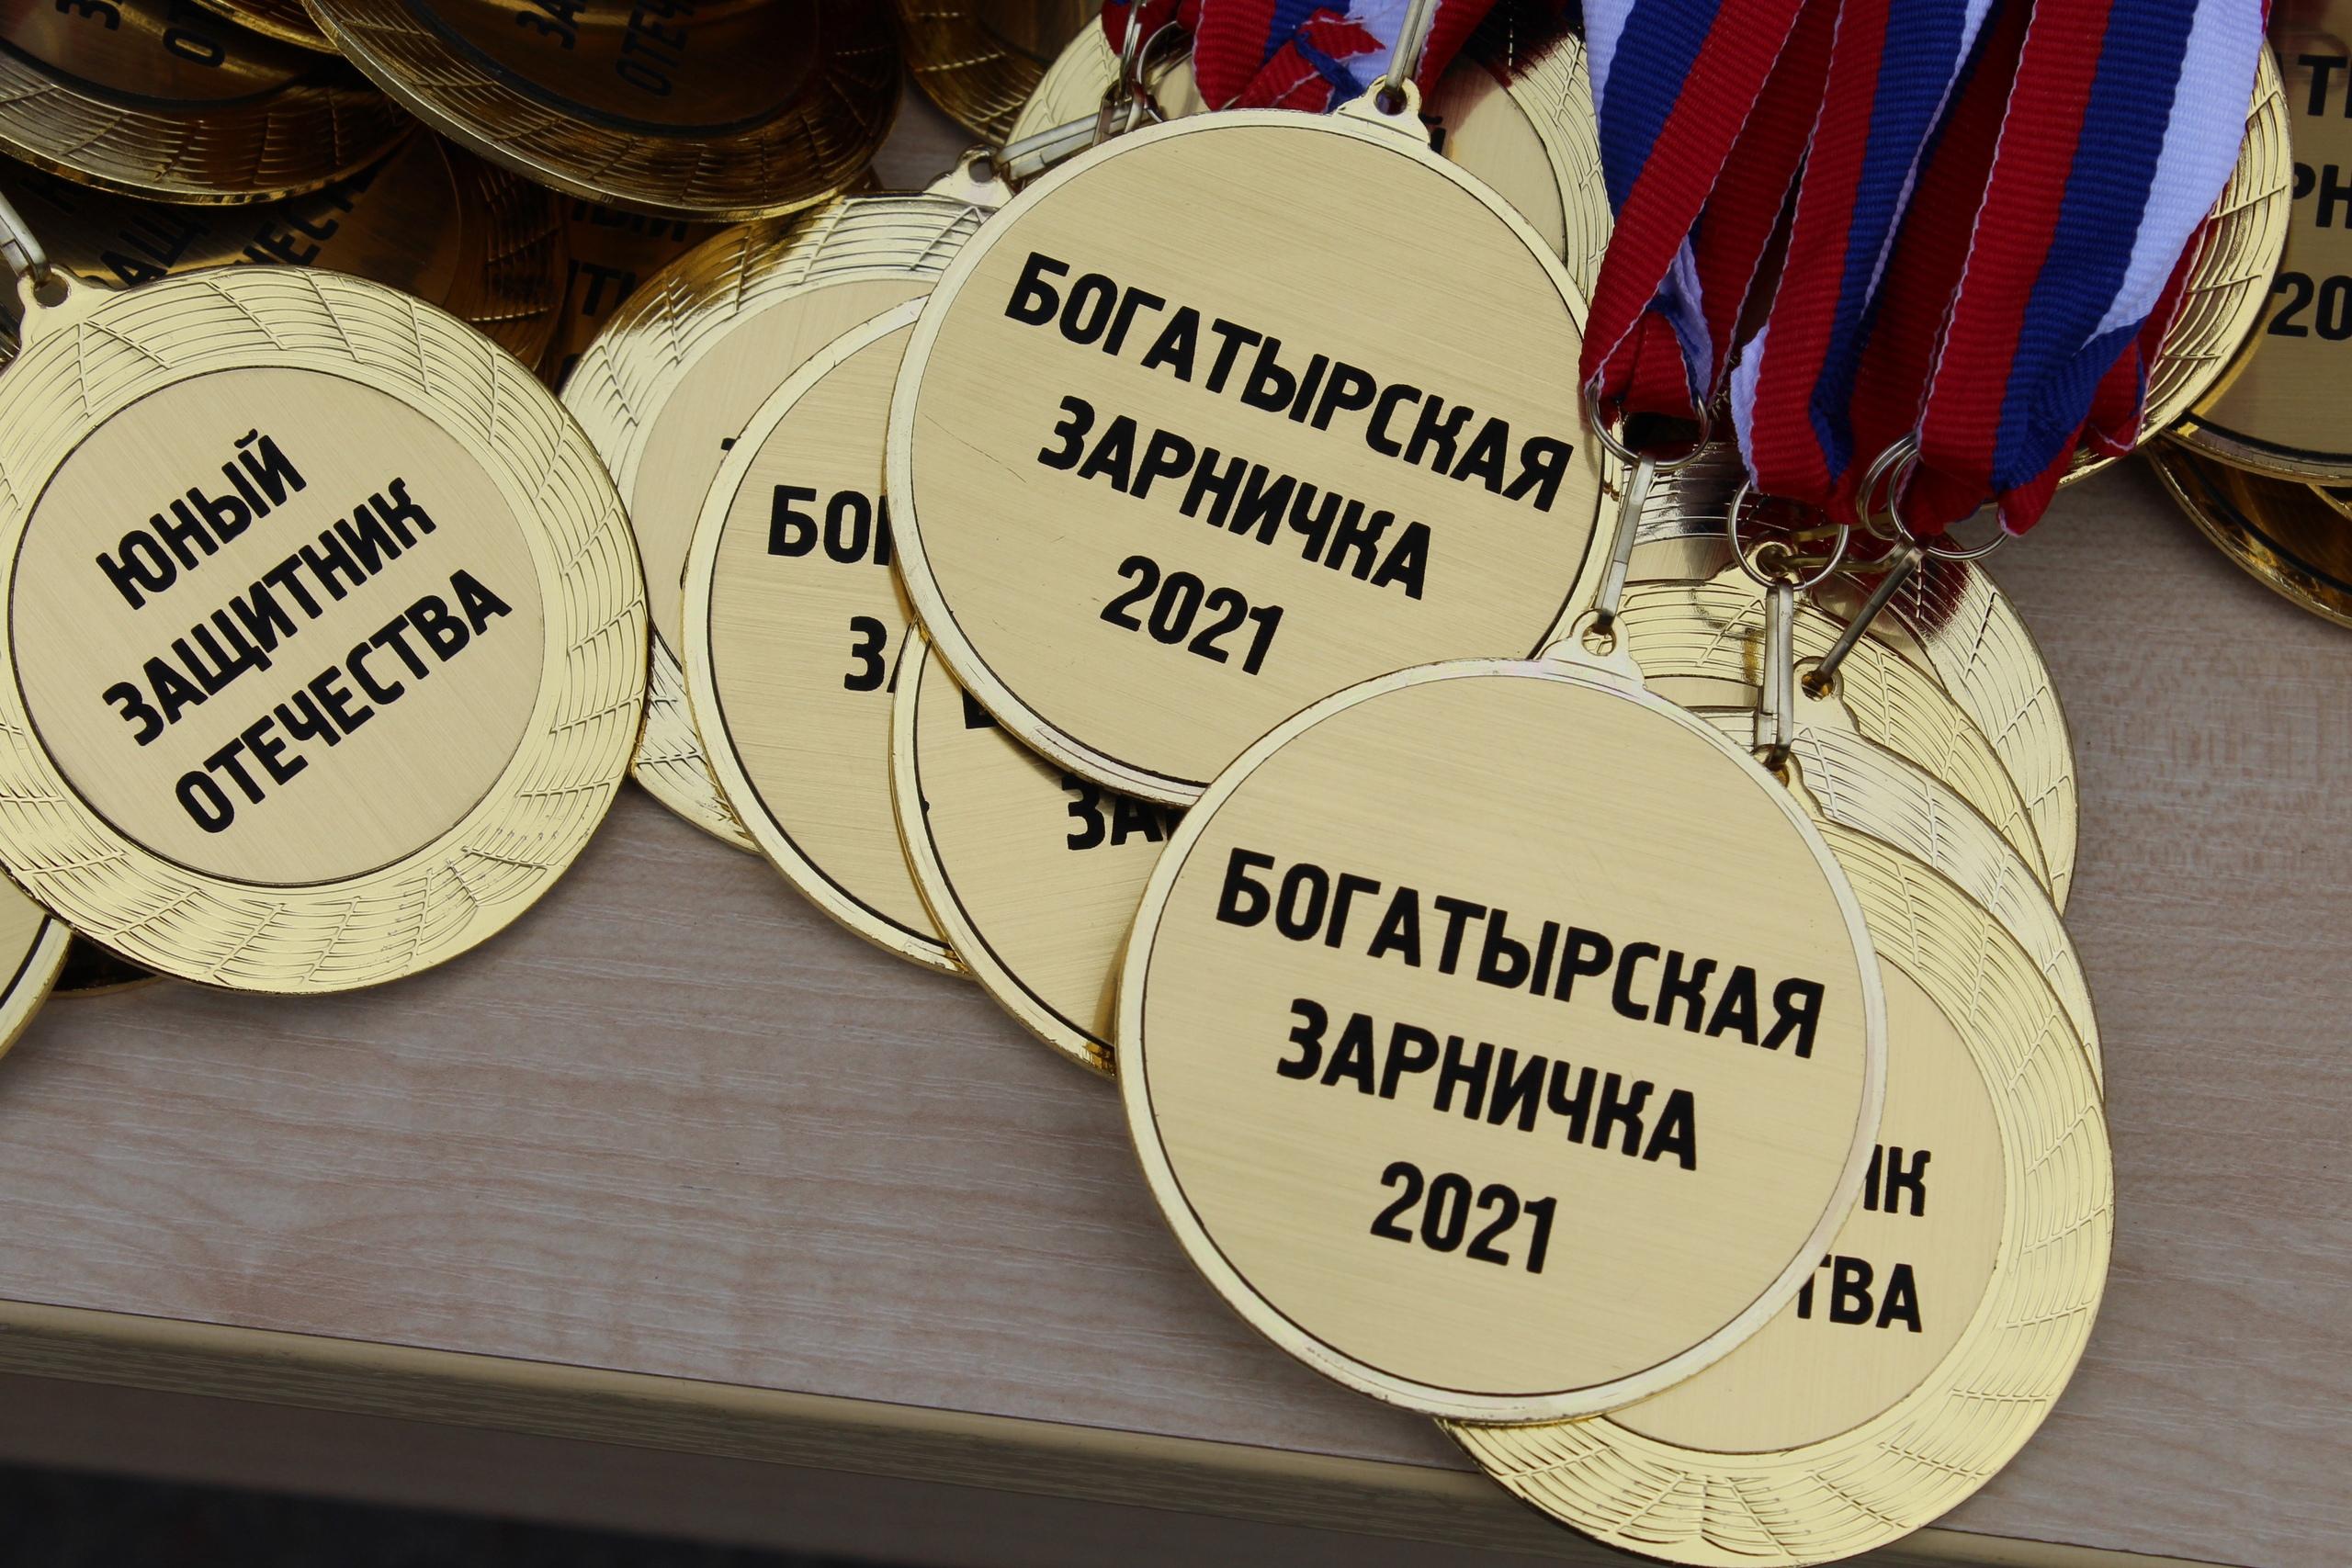 Фото: Центр патриотического воспитания детей и молодежи г. Вологды